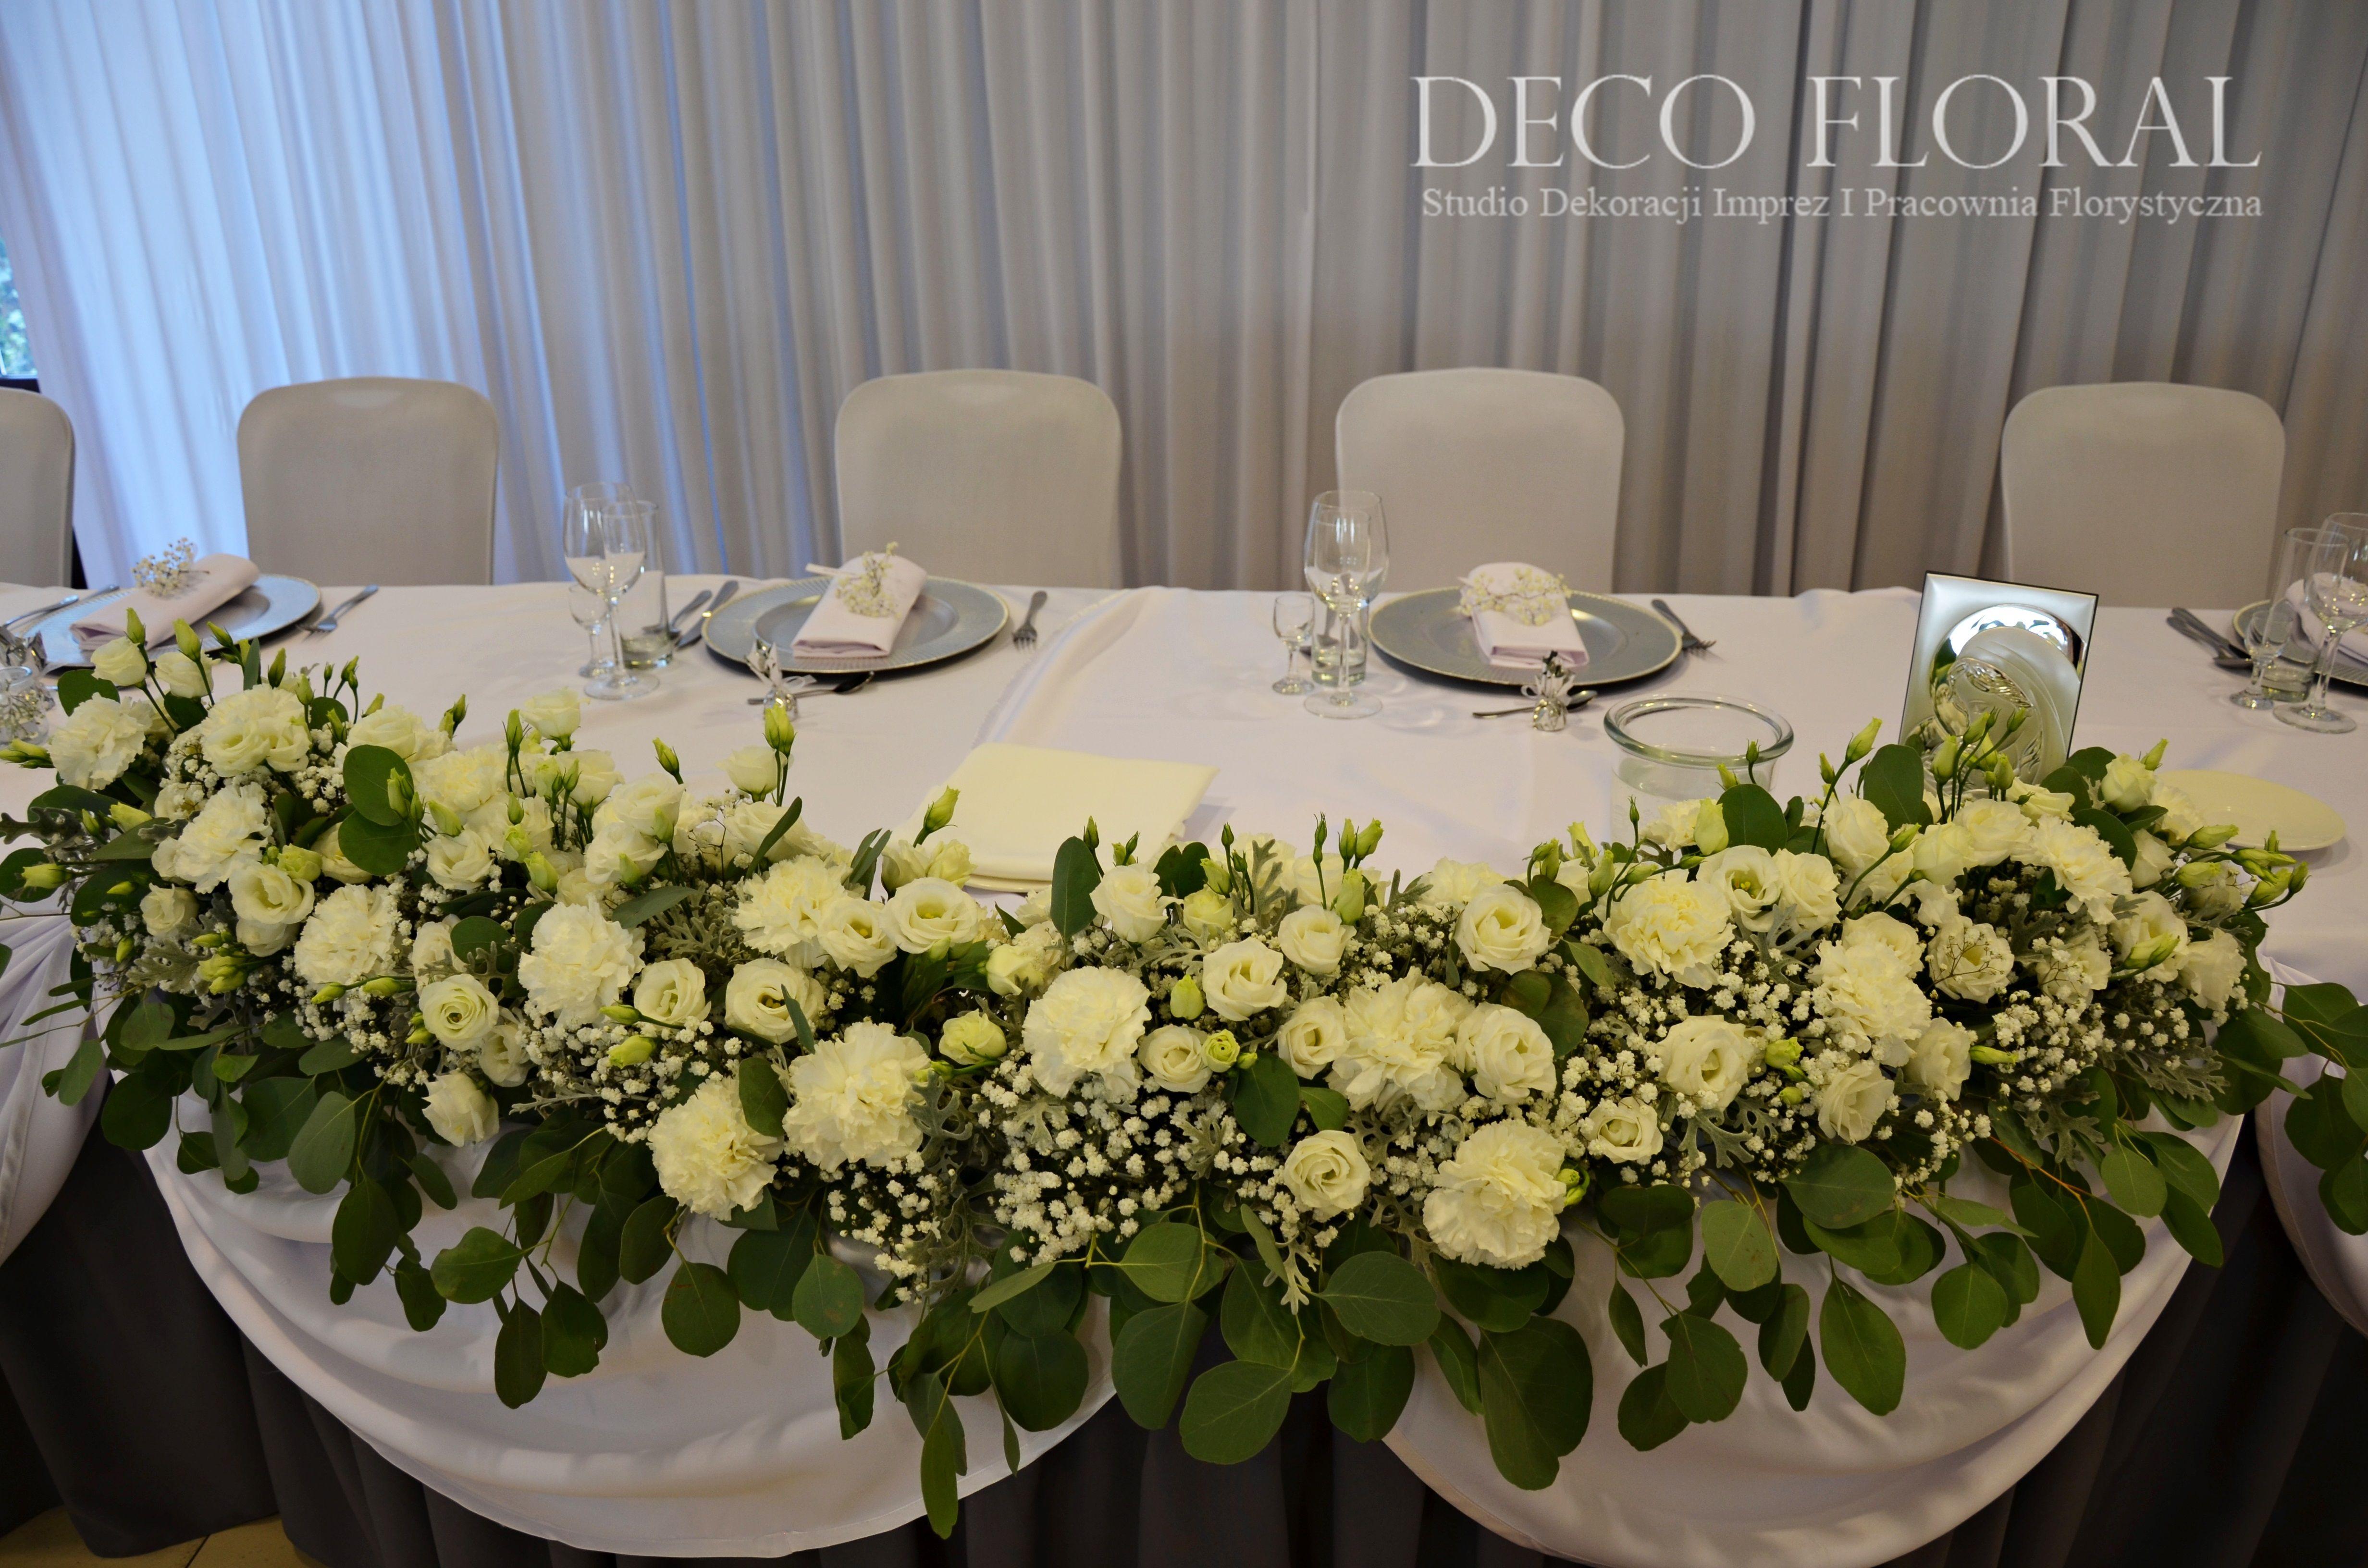 Dekoracja Sali Weselnej Gipsowka Wedding Gyps Table Settings Table Decorations Decor